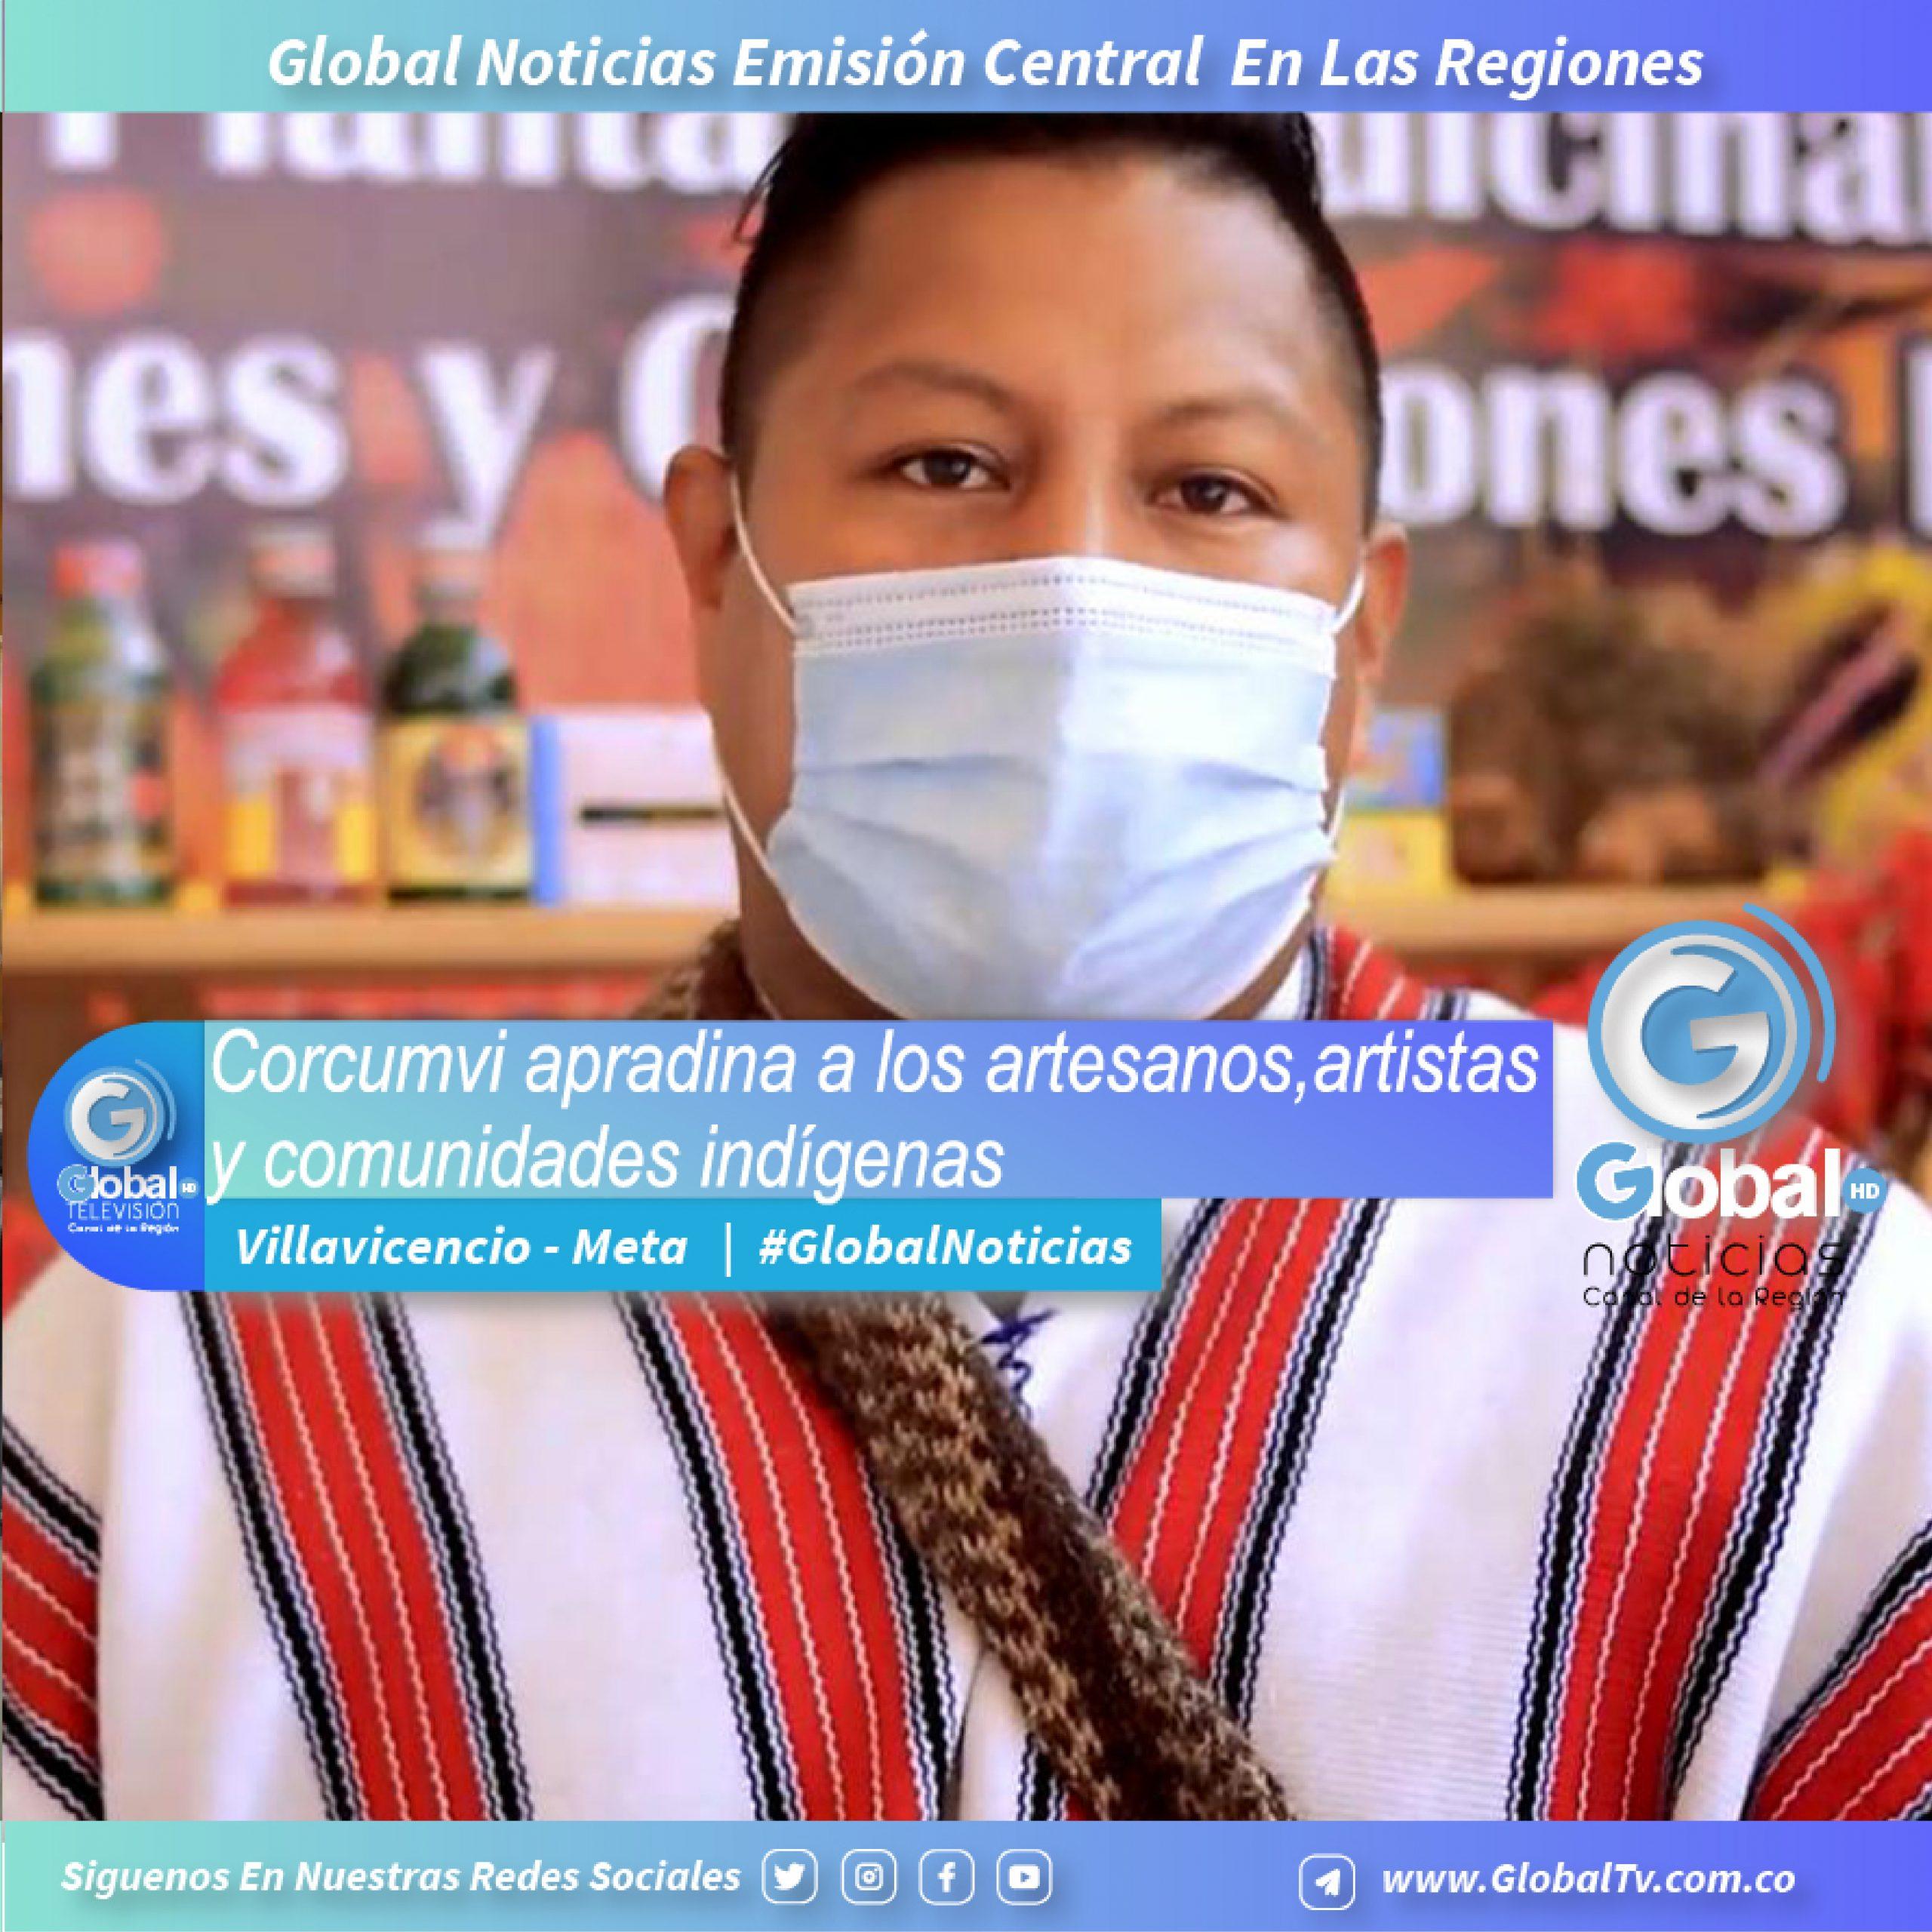 Corcumvi apadrina a los artistas, artesanos y comunidades indígenas en la galería 7 de agosto